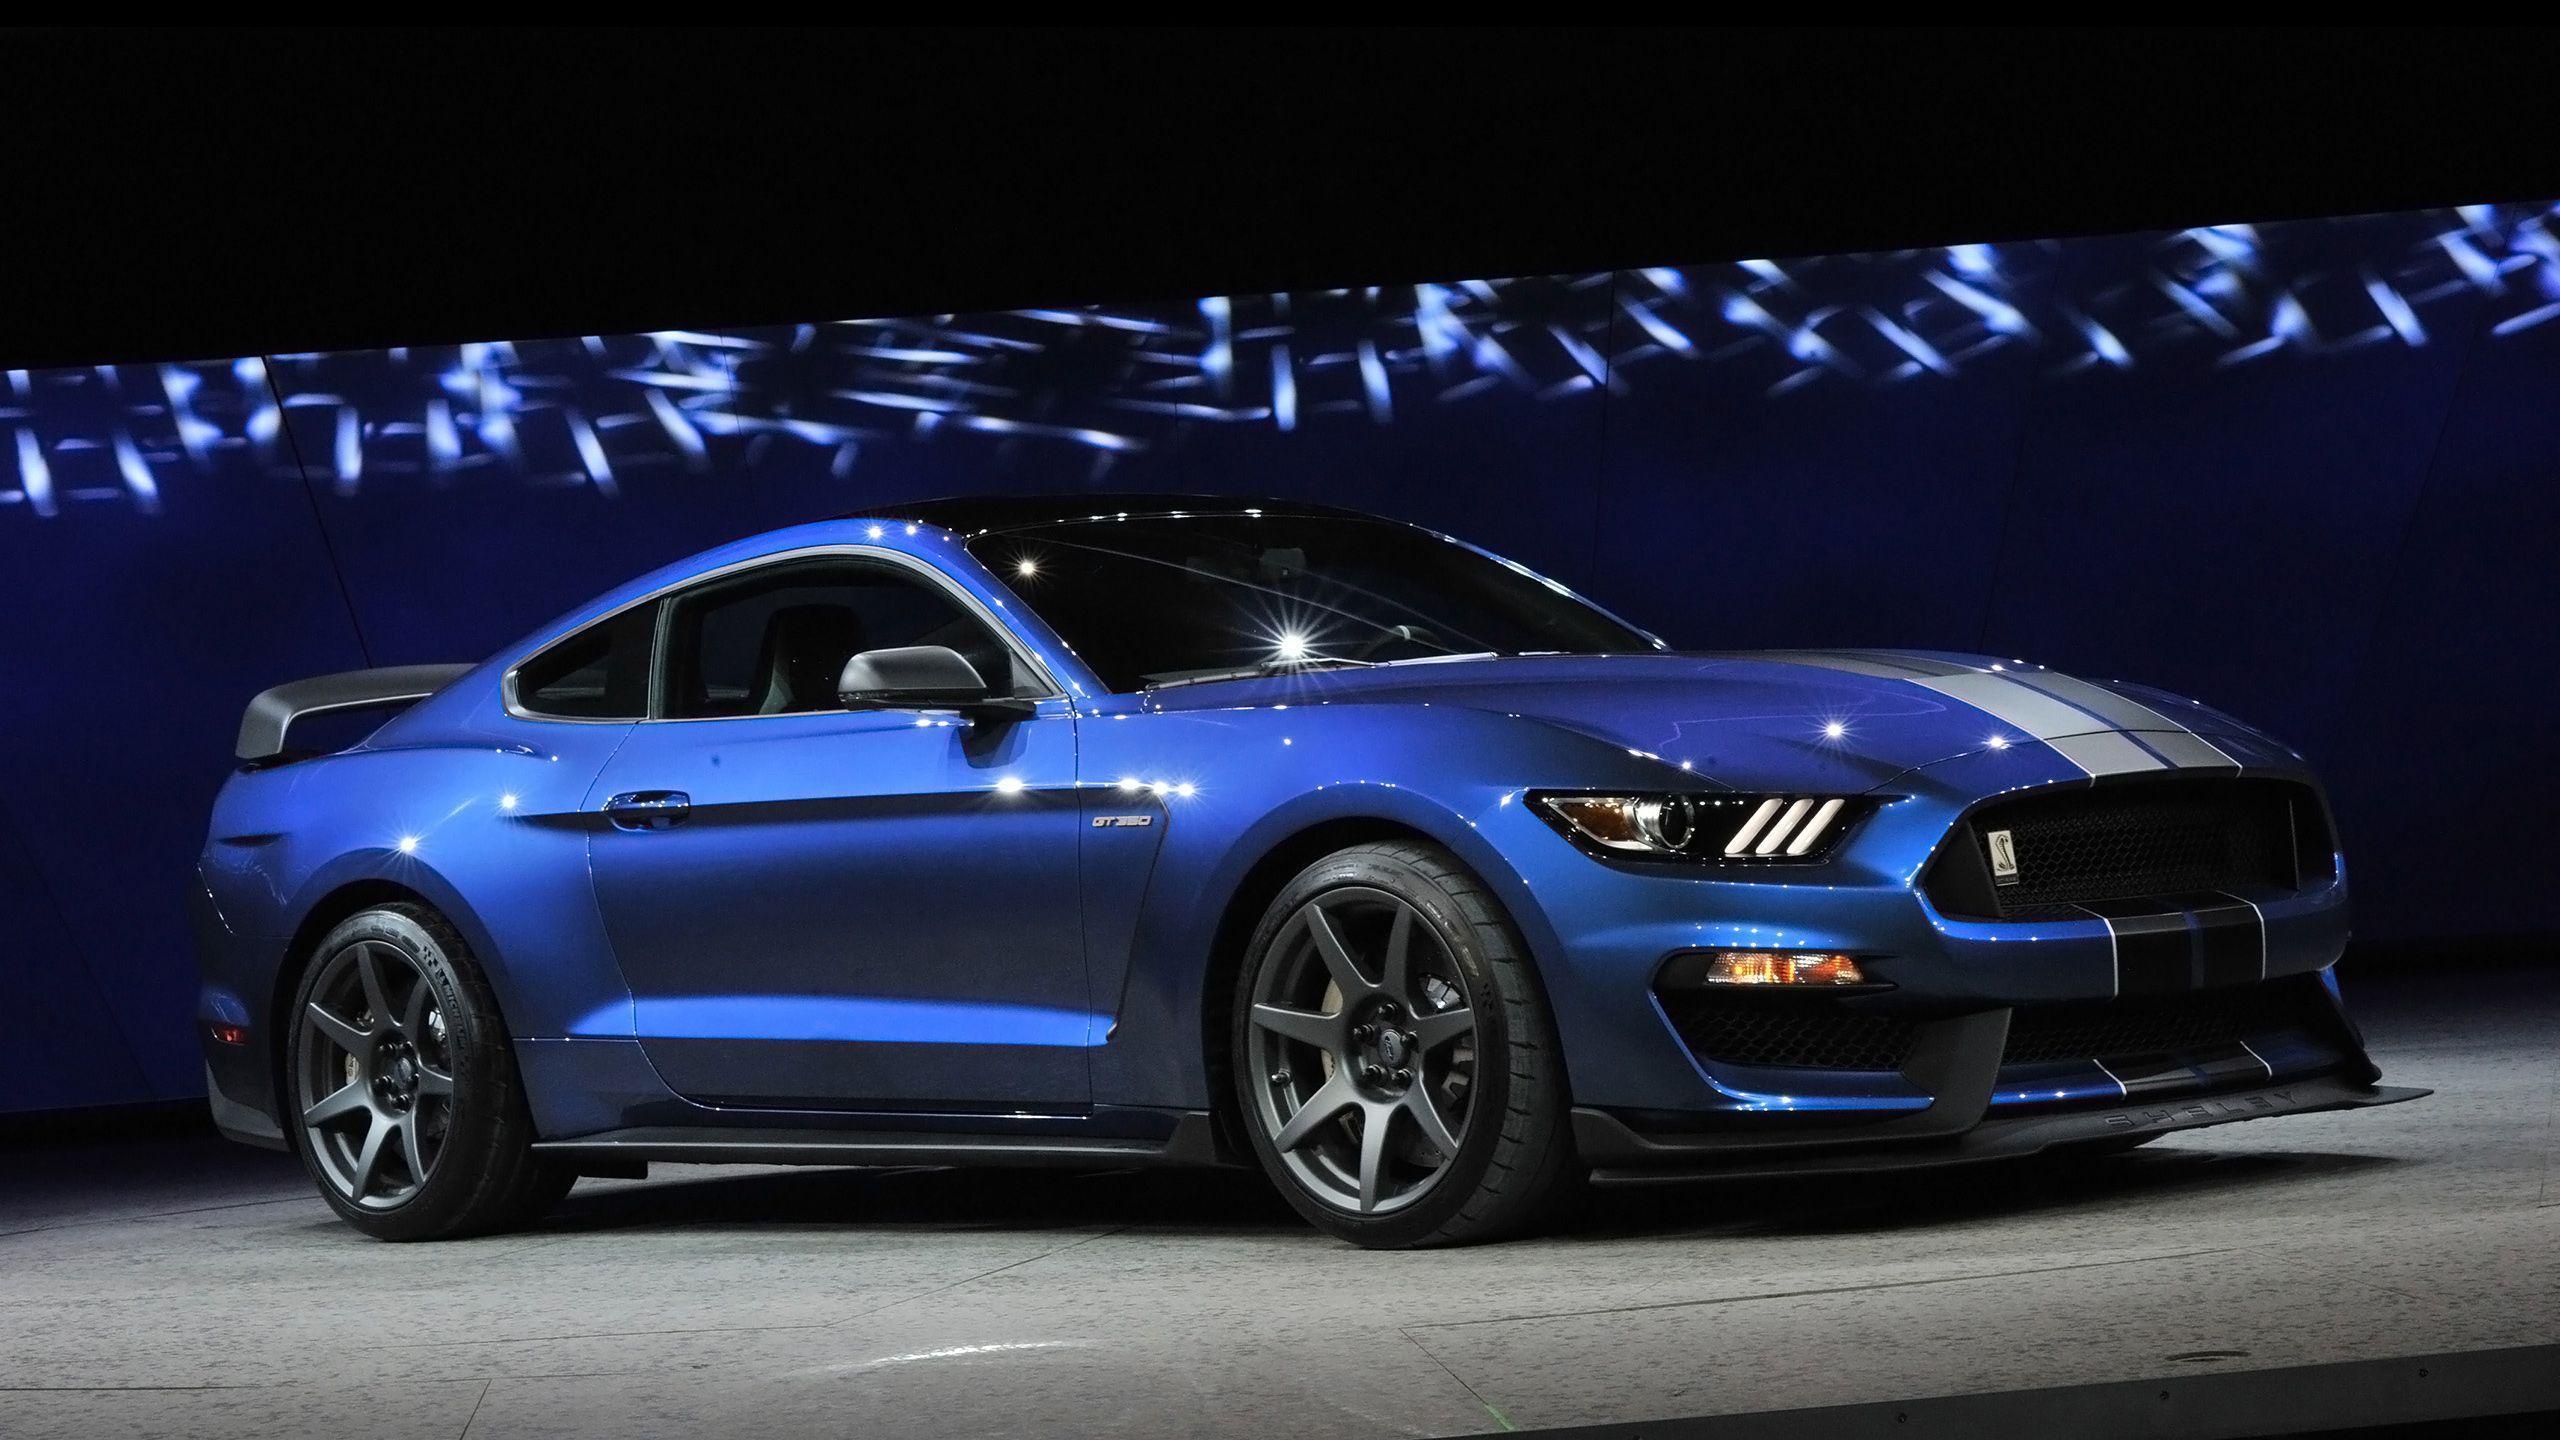 2016 Mustang Gt Wallpapers 2560x1440